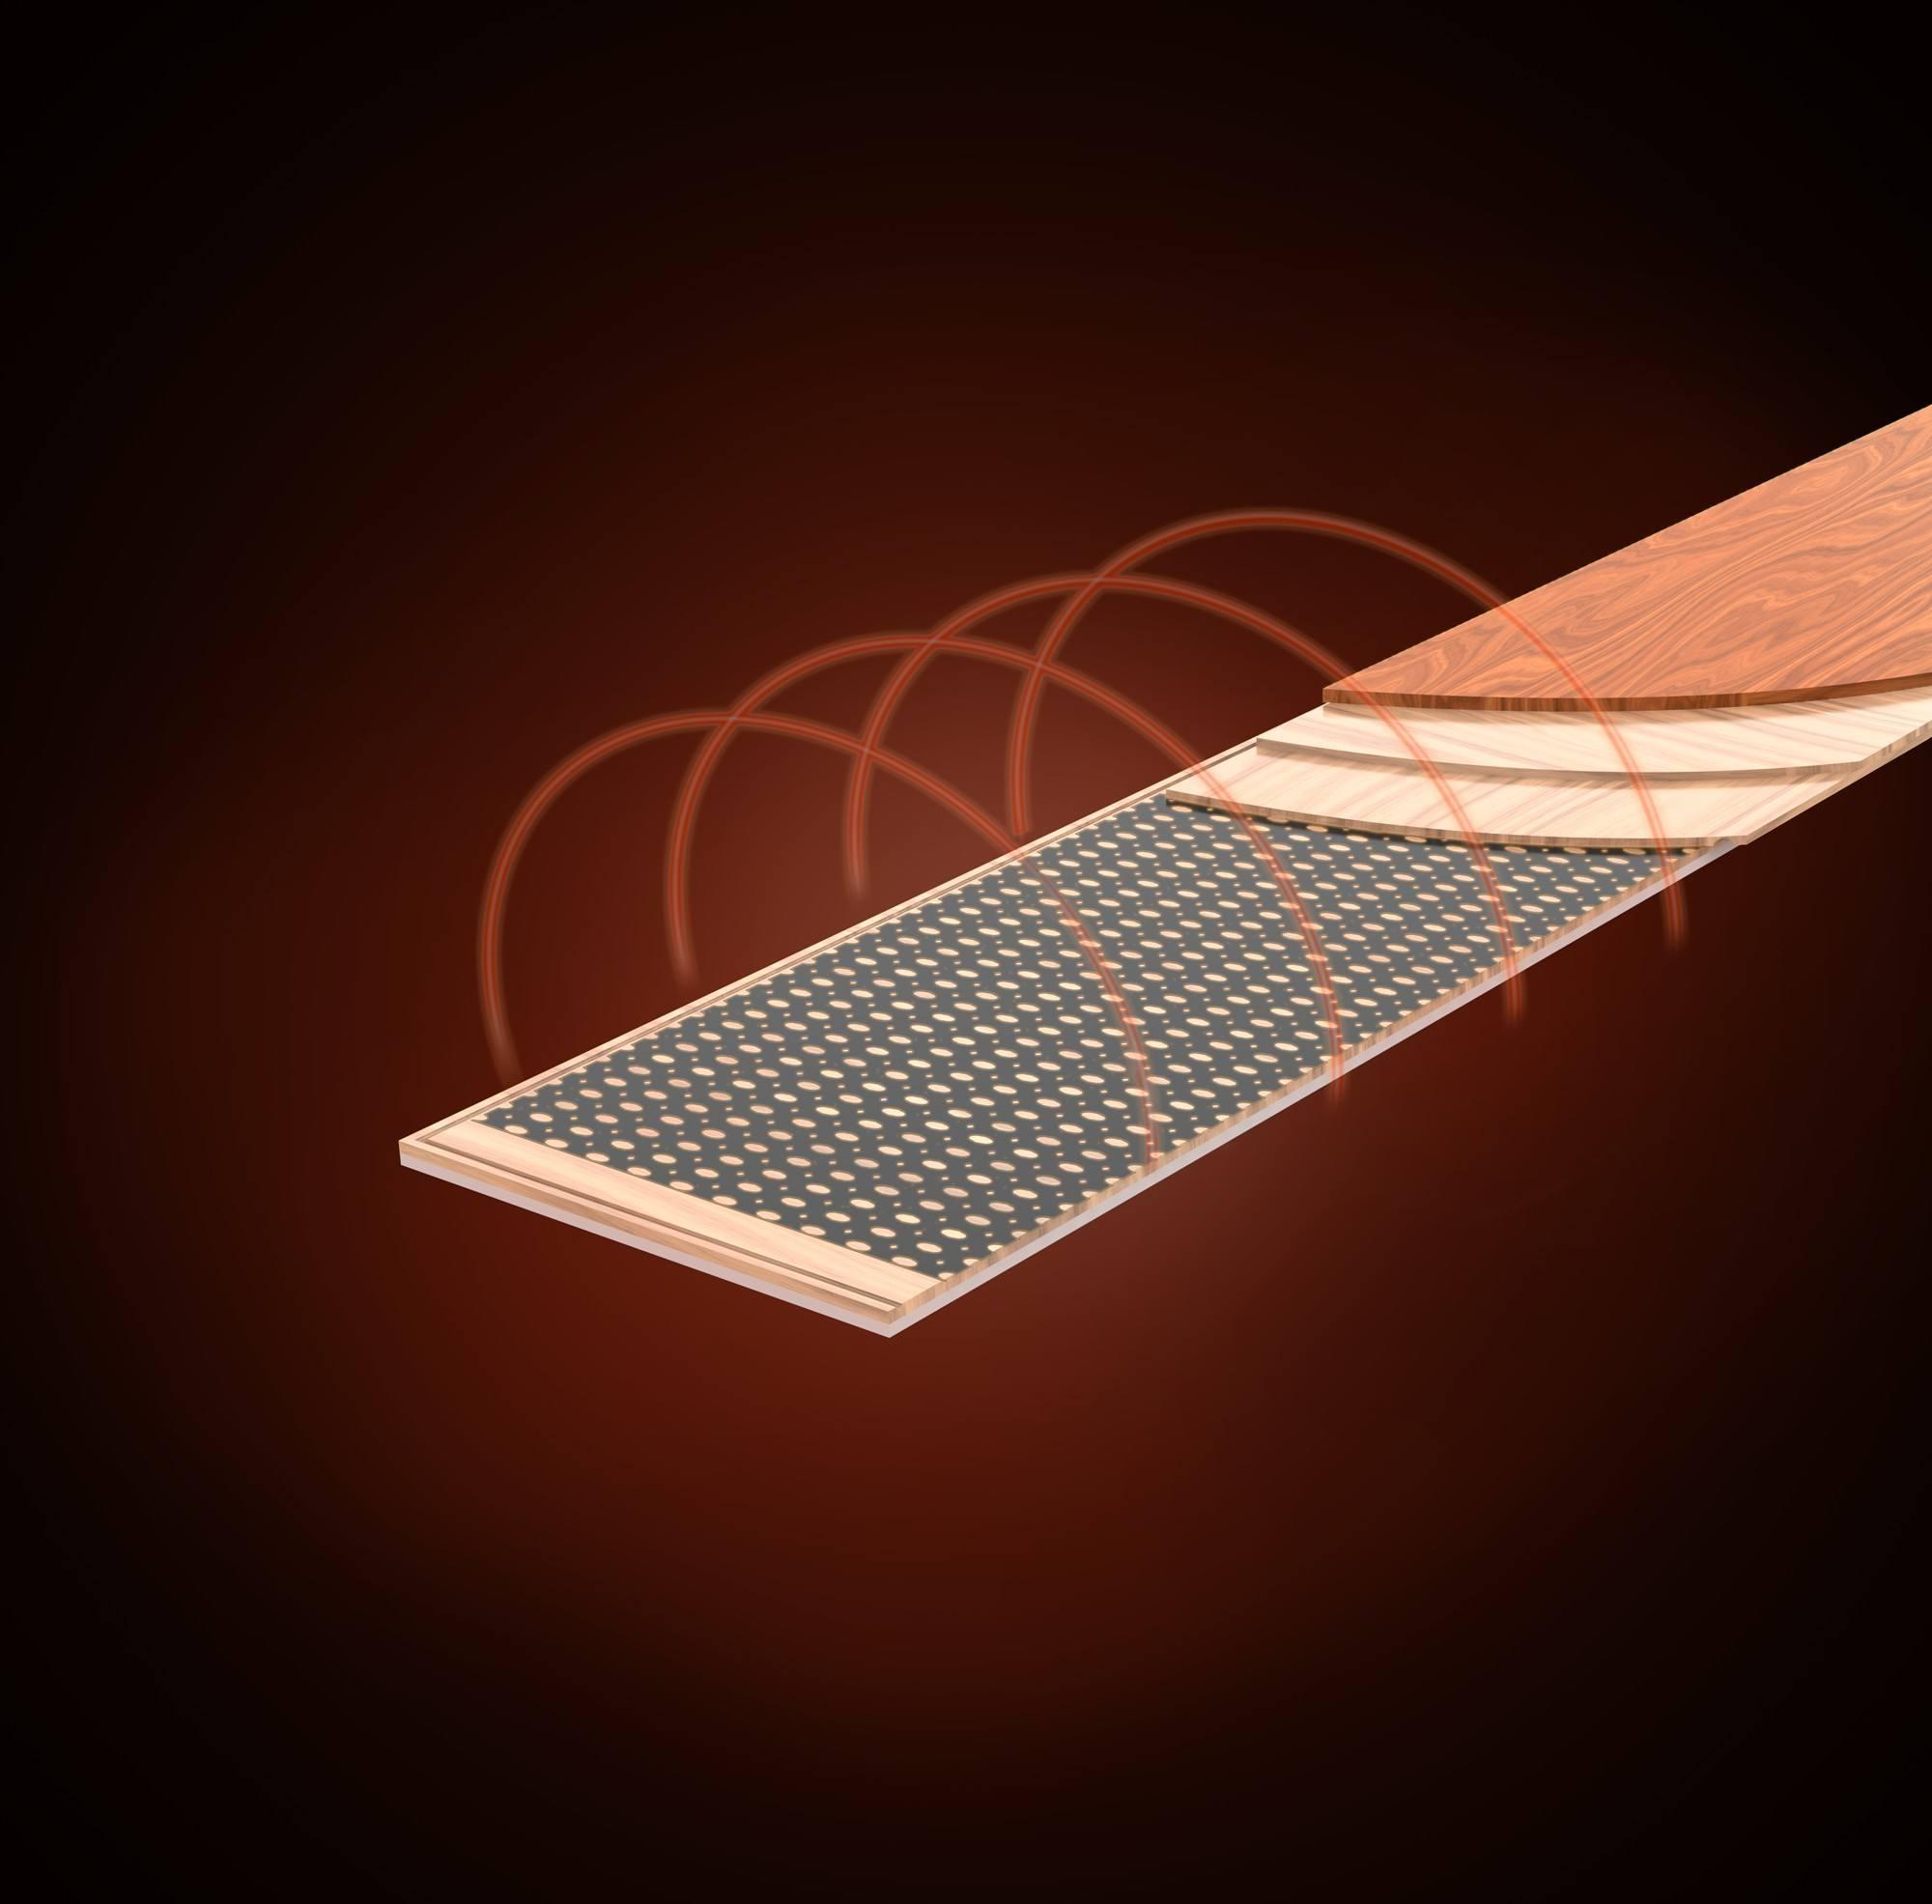 石墨烯地暖在家里增温的优势有哪些?